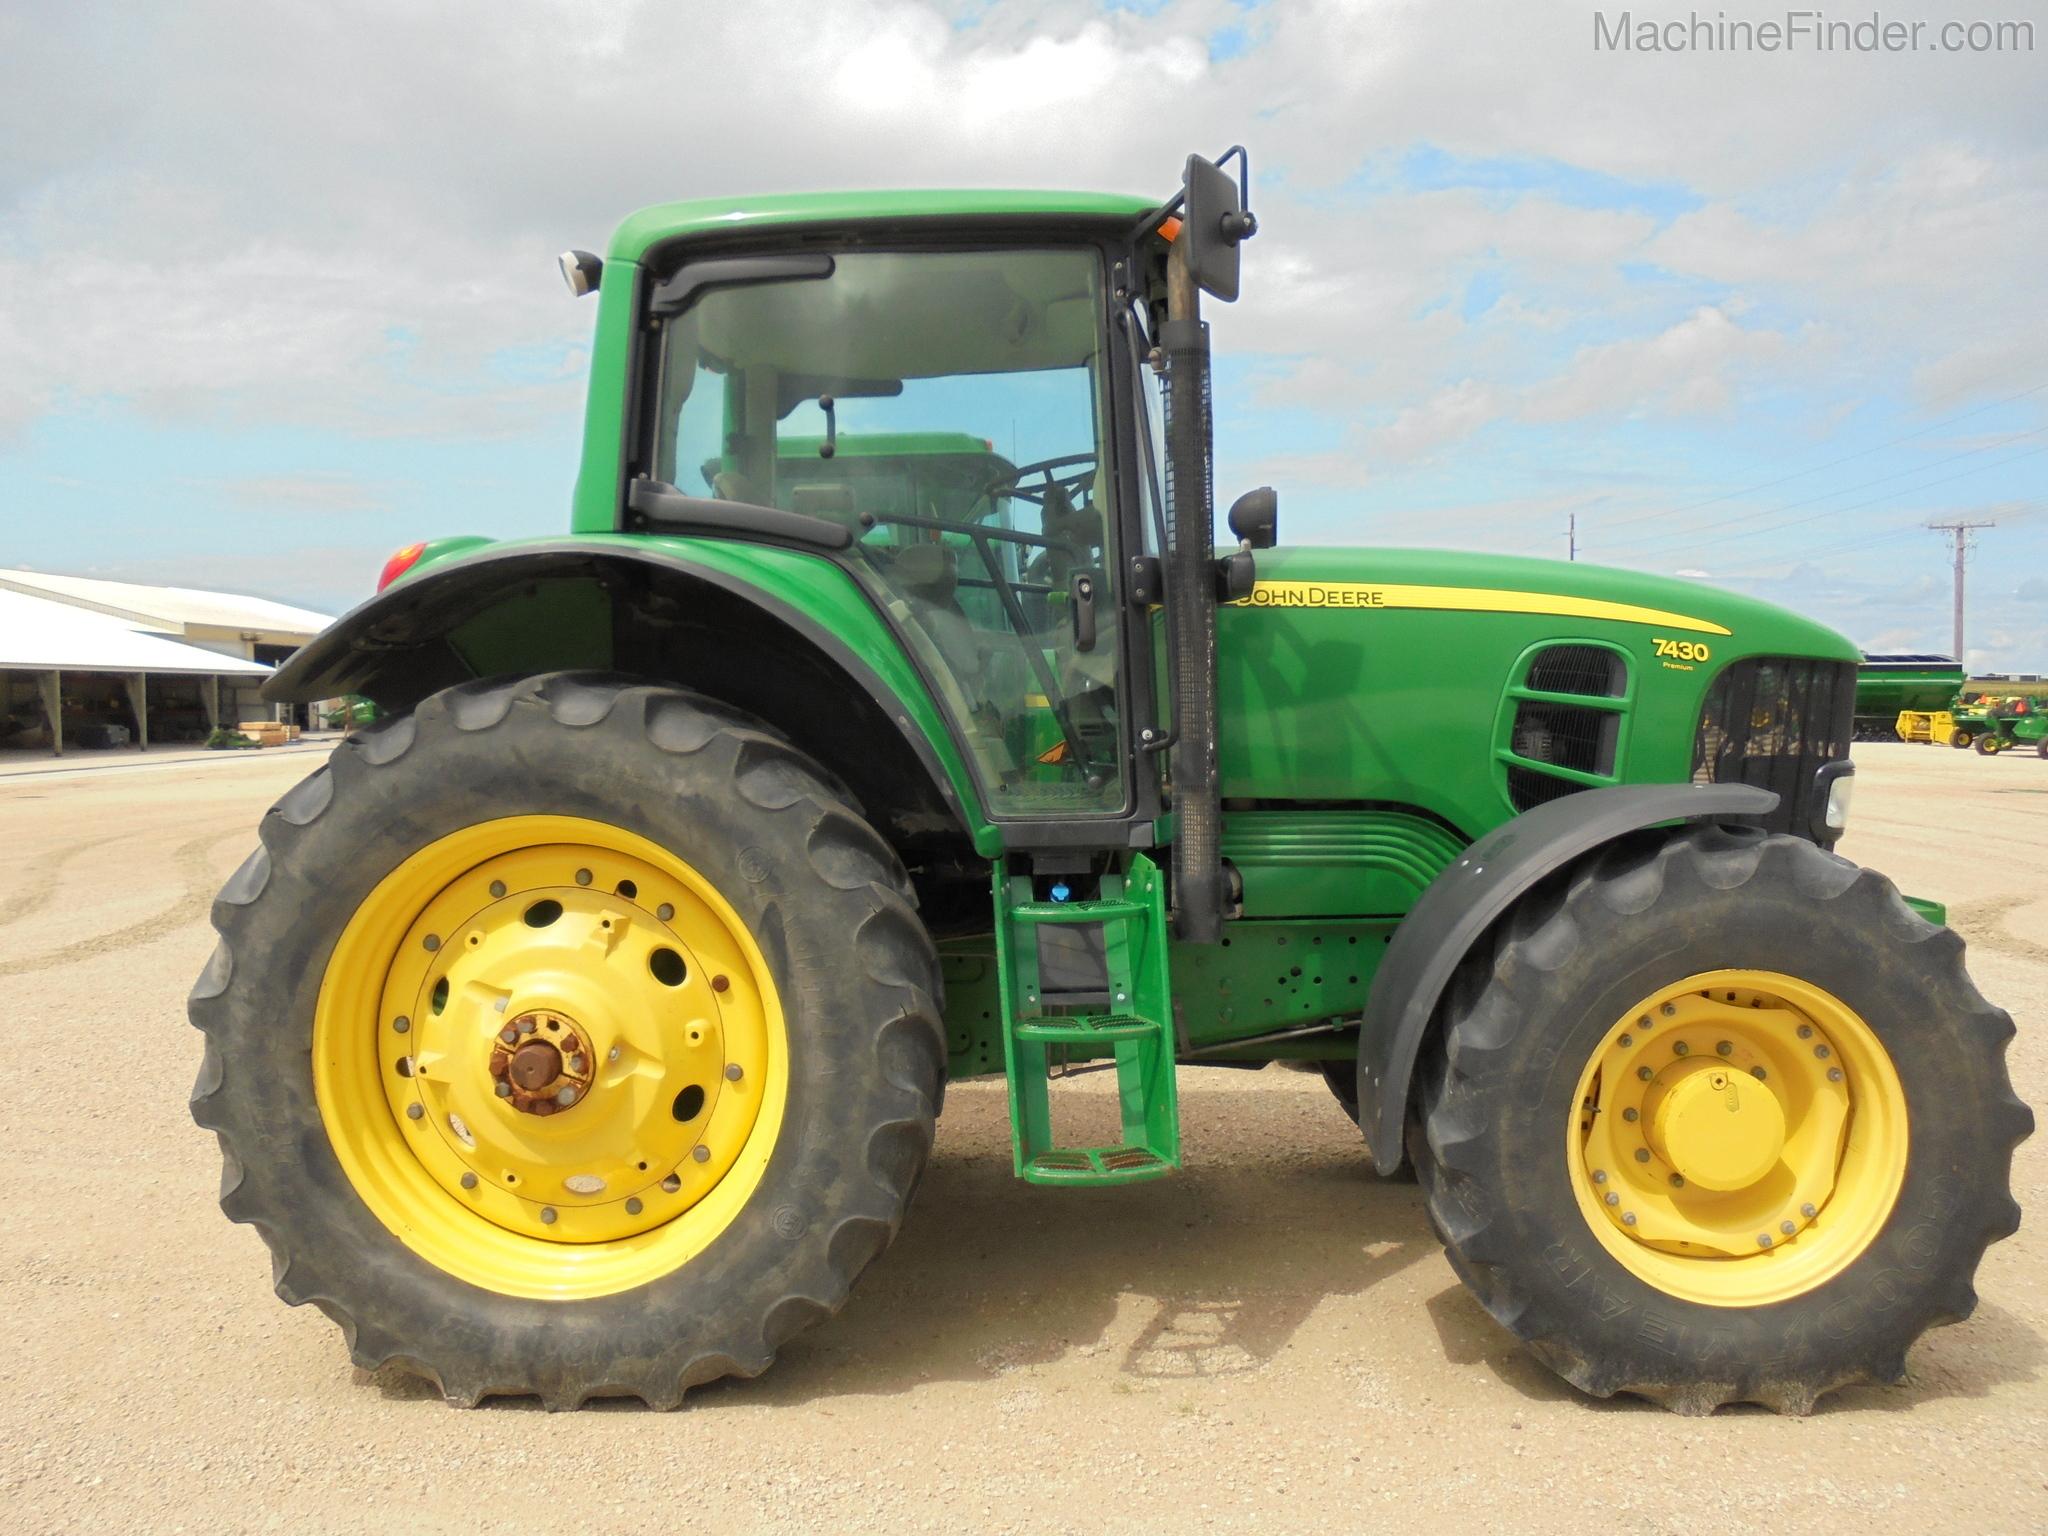 2011 John Deere 7430 Premium Row Crop Tractors H Wiring Harness Photo 1 Of 9